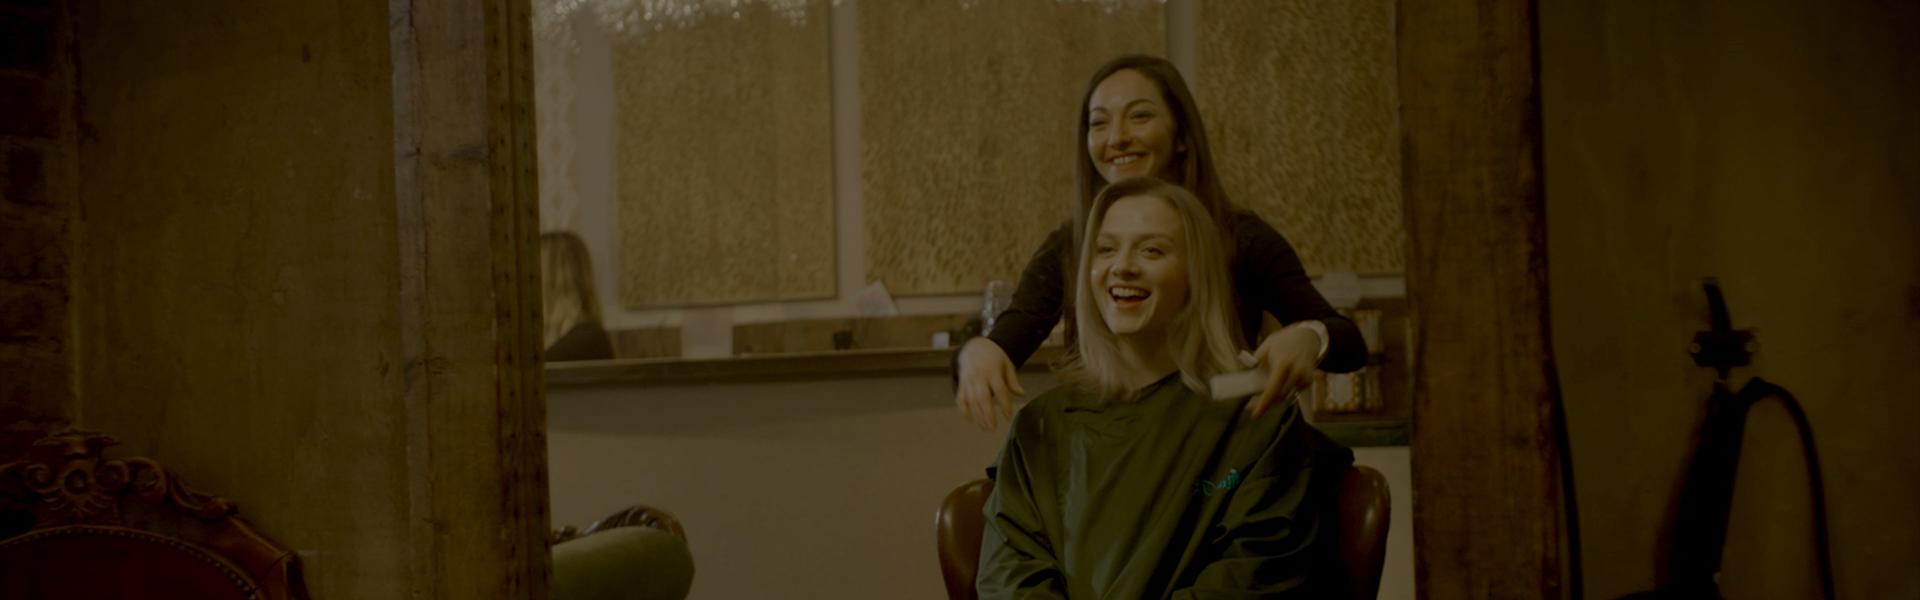 Két nő egy fodrászatban